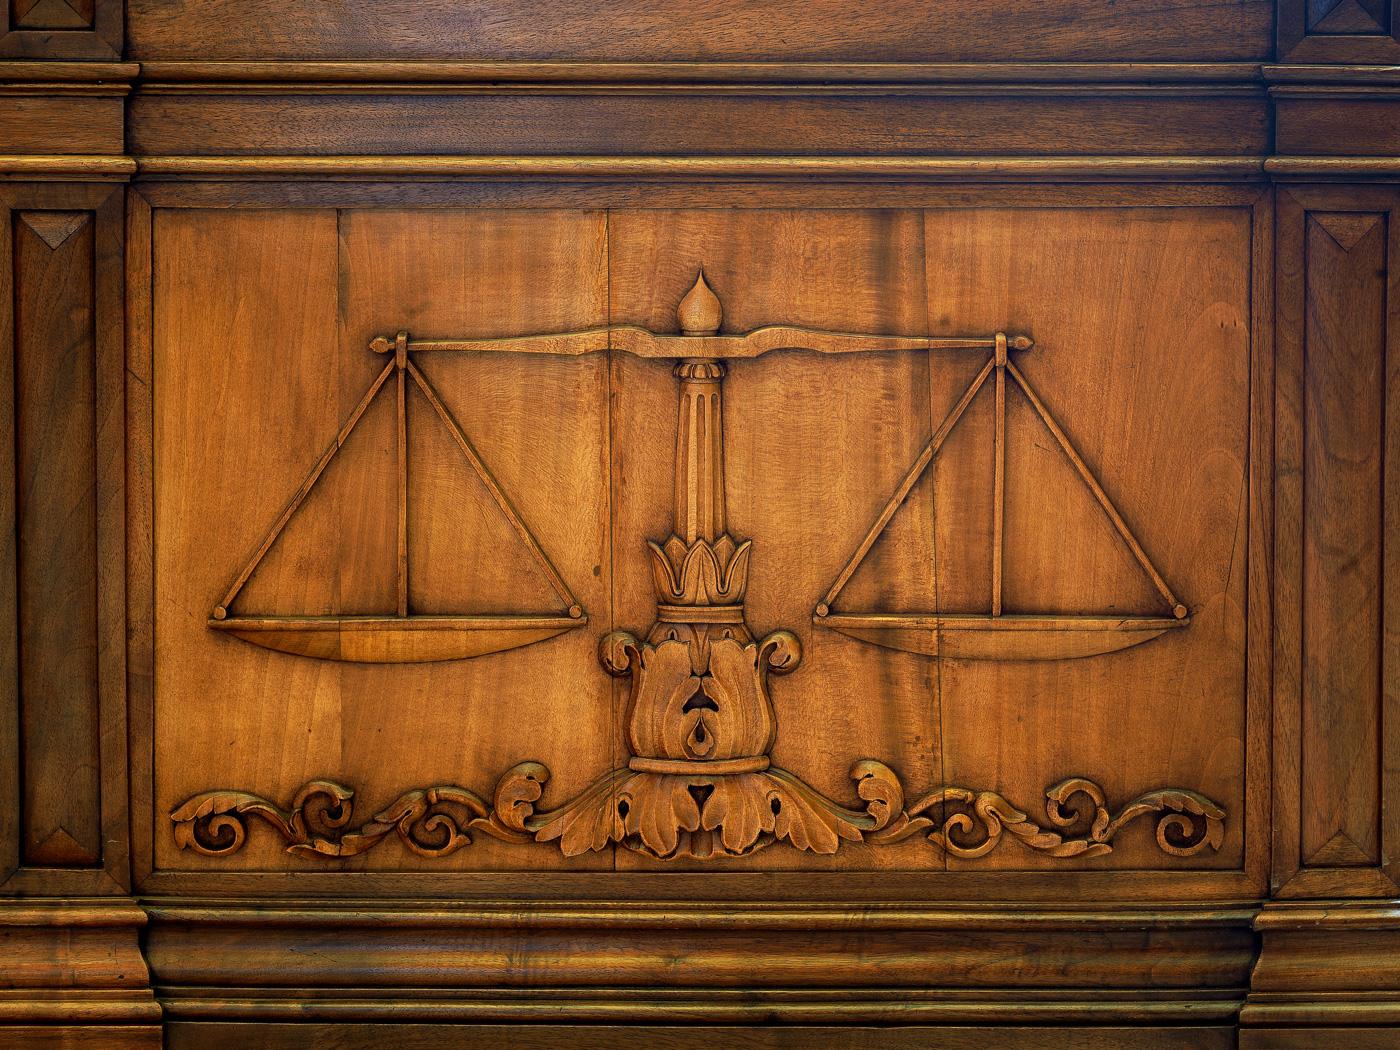 restauration boiseries pupitre palais de justice lyon